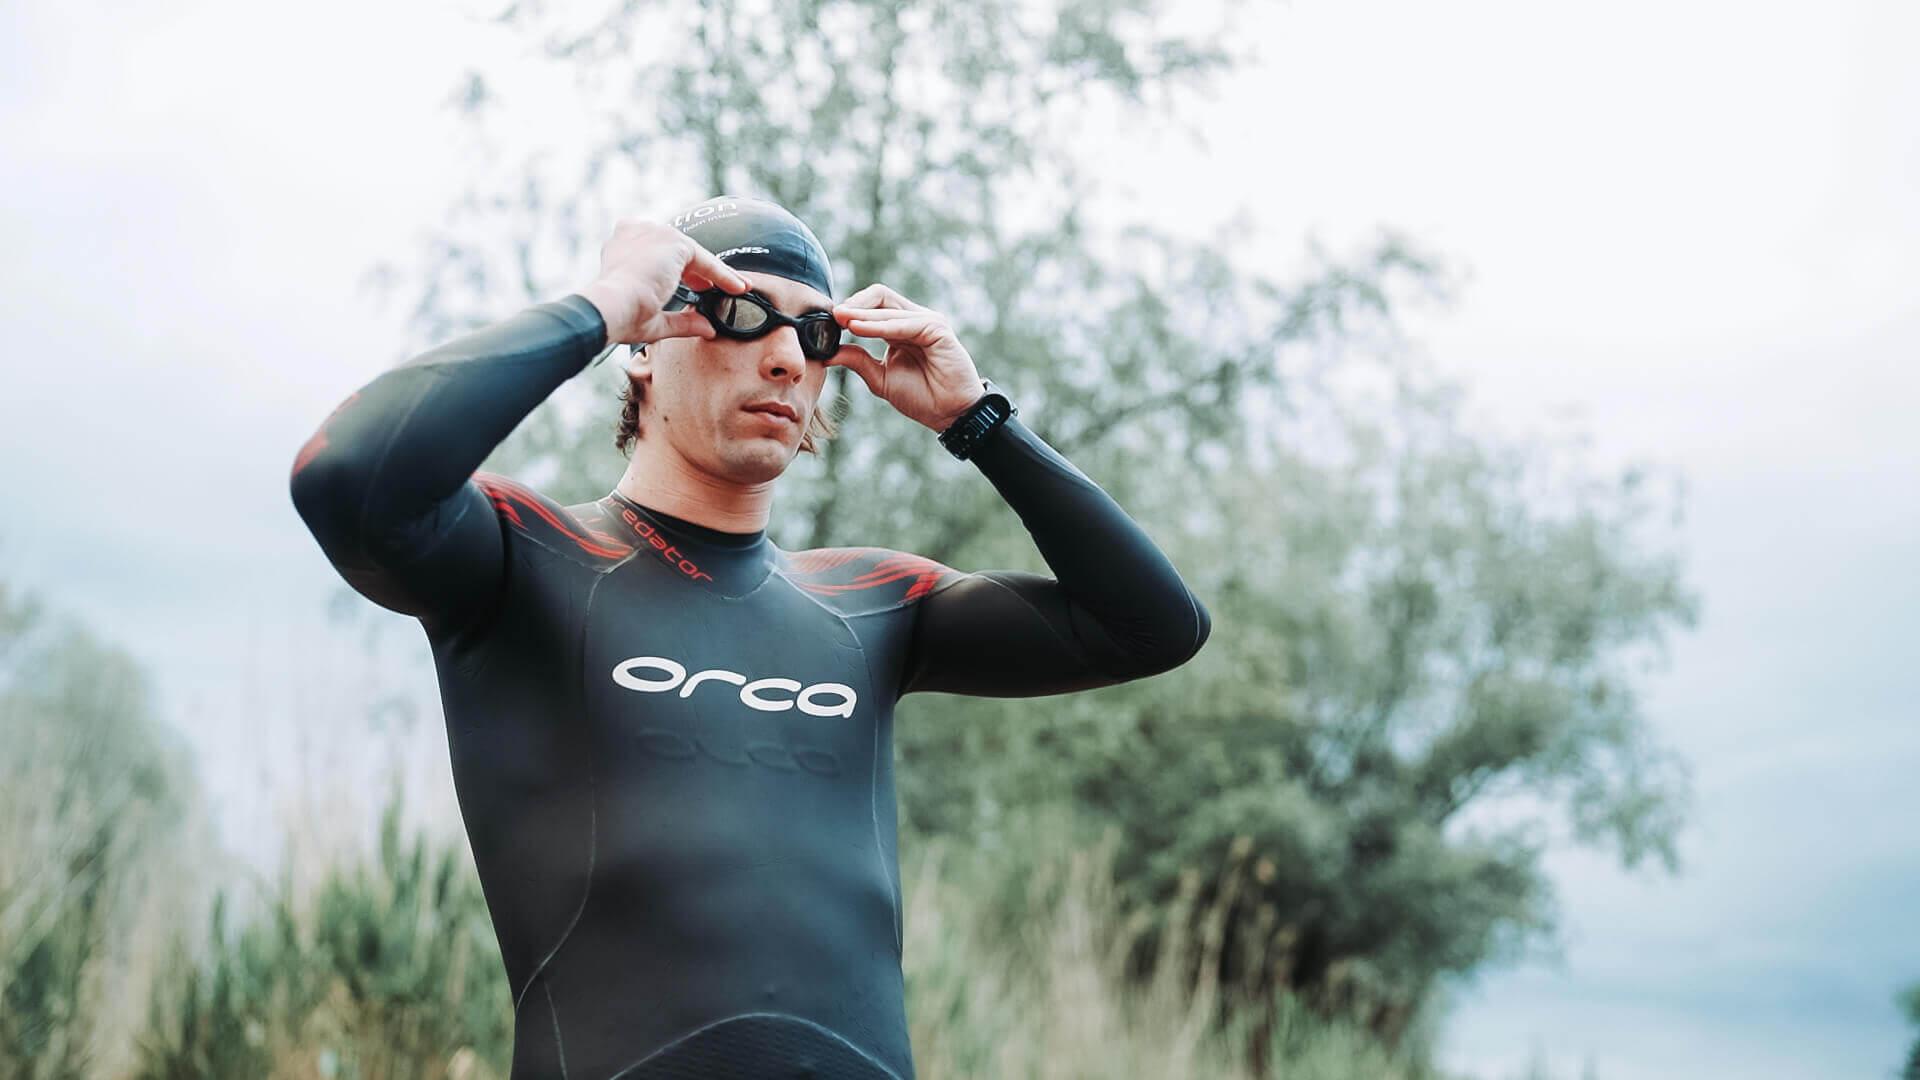 Guía del triatleta:  los consejos más importantes para la etapa de natación